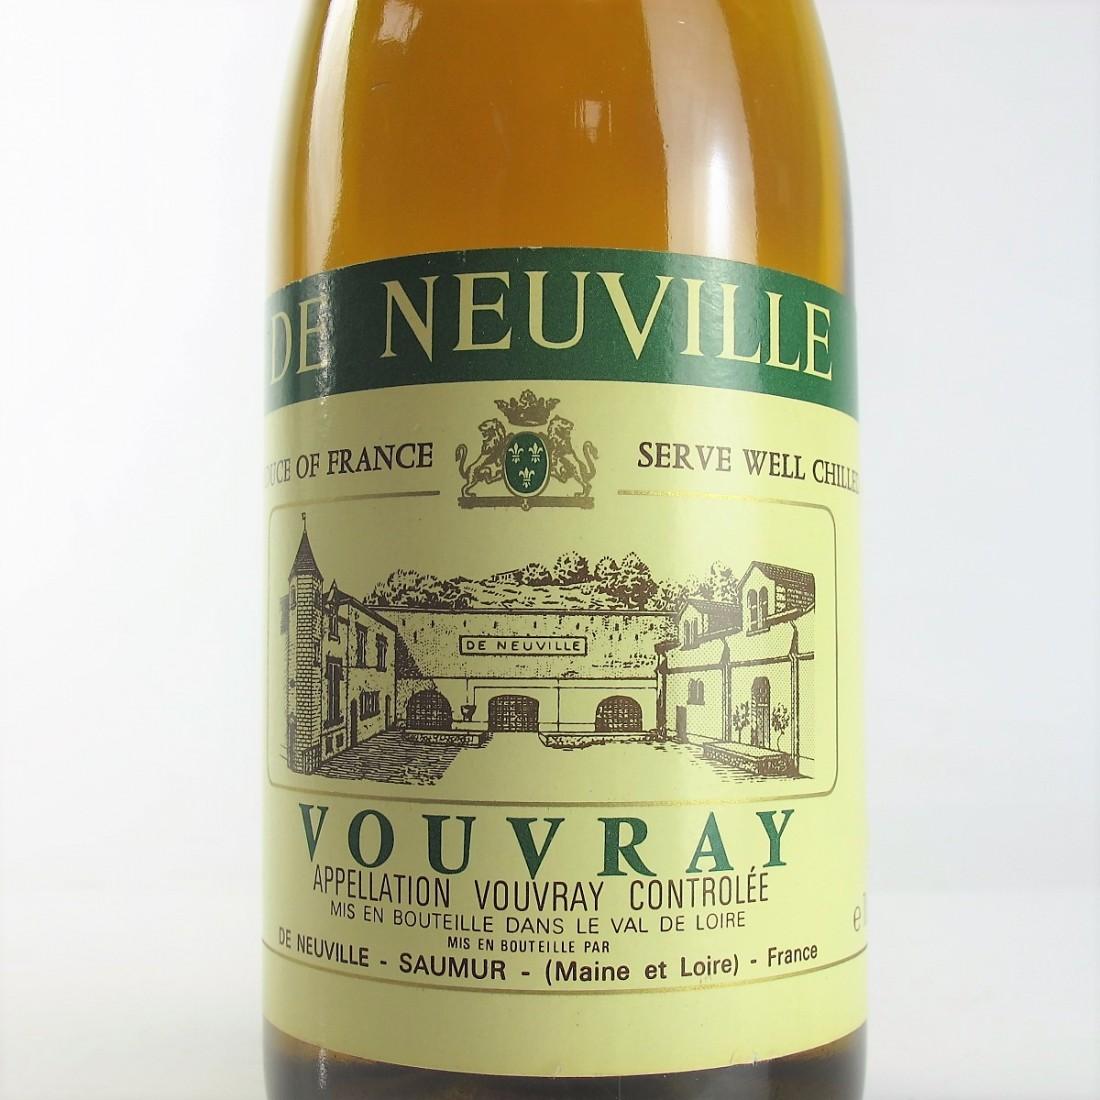 De Neuville 1986 Vouvray